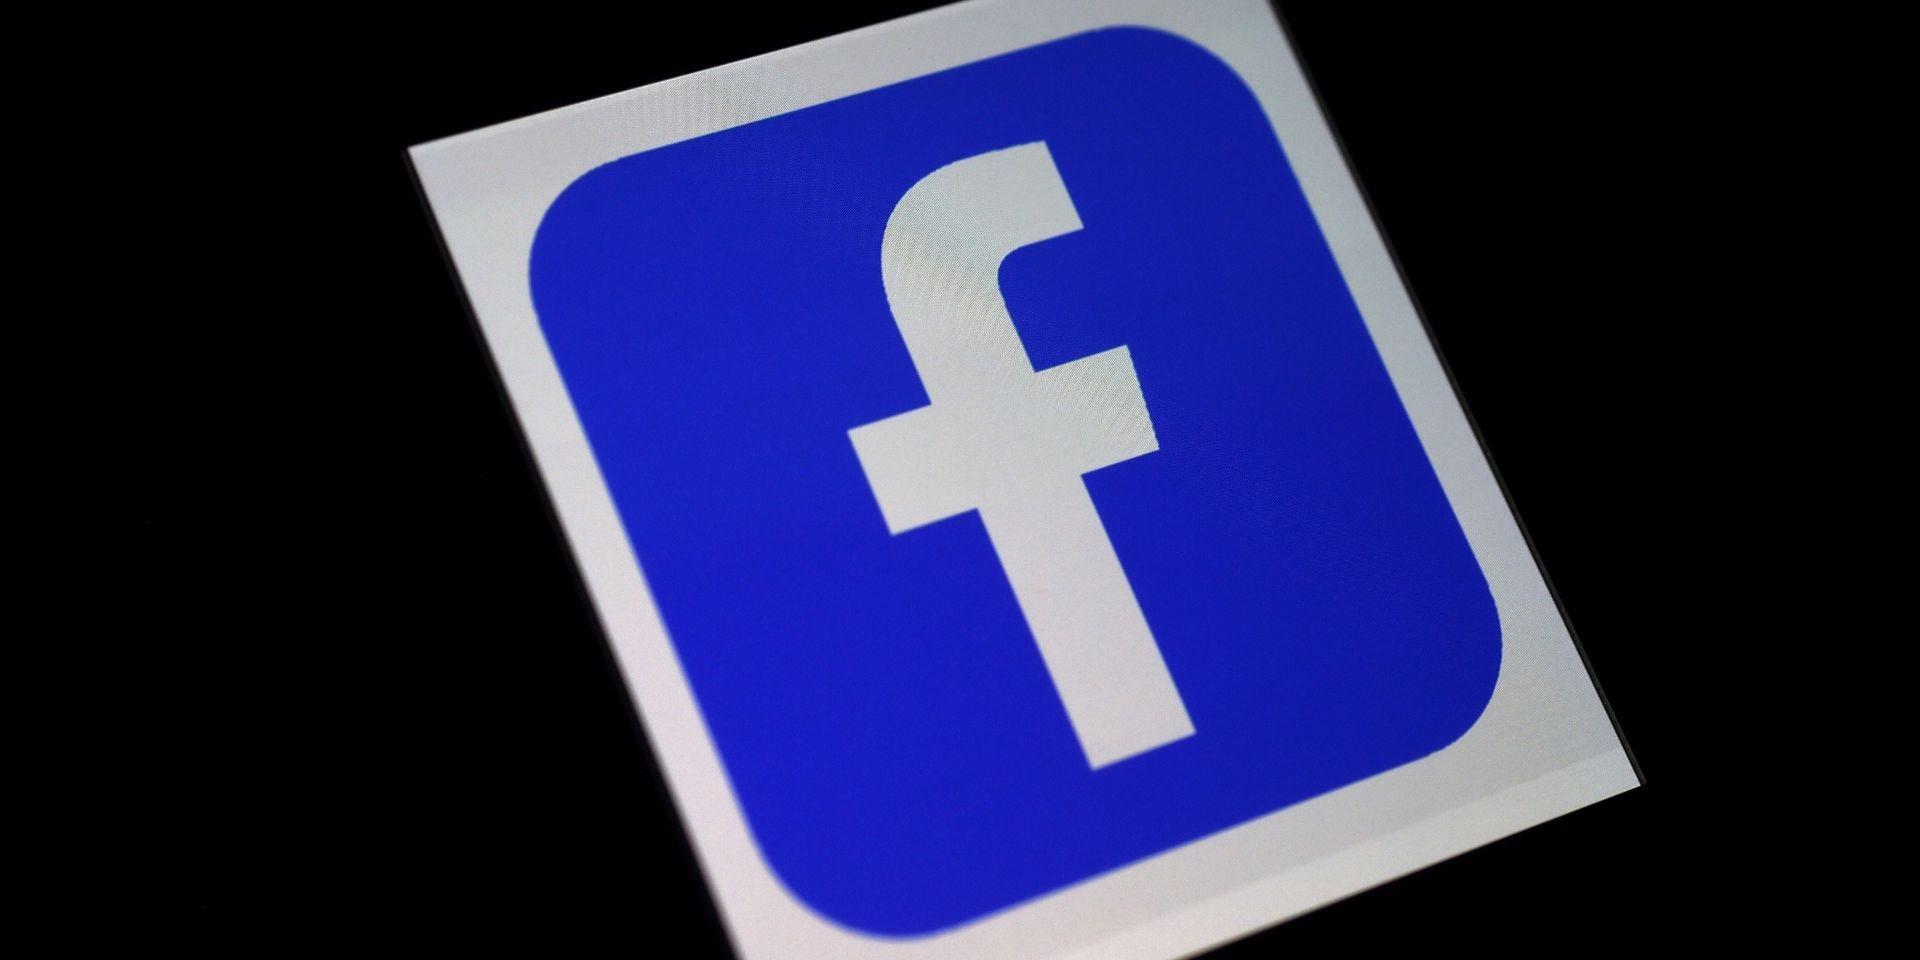 Le boycott publicitaire et la colère contre Facebook s'amplifient